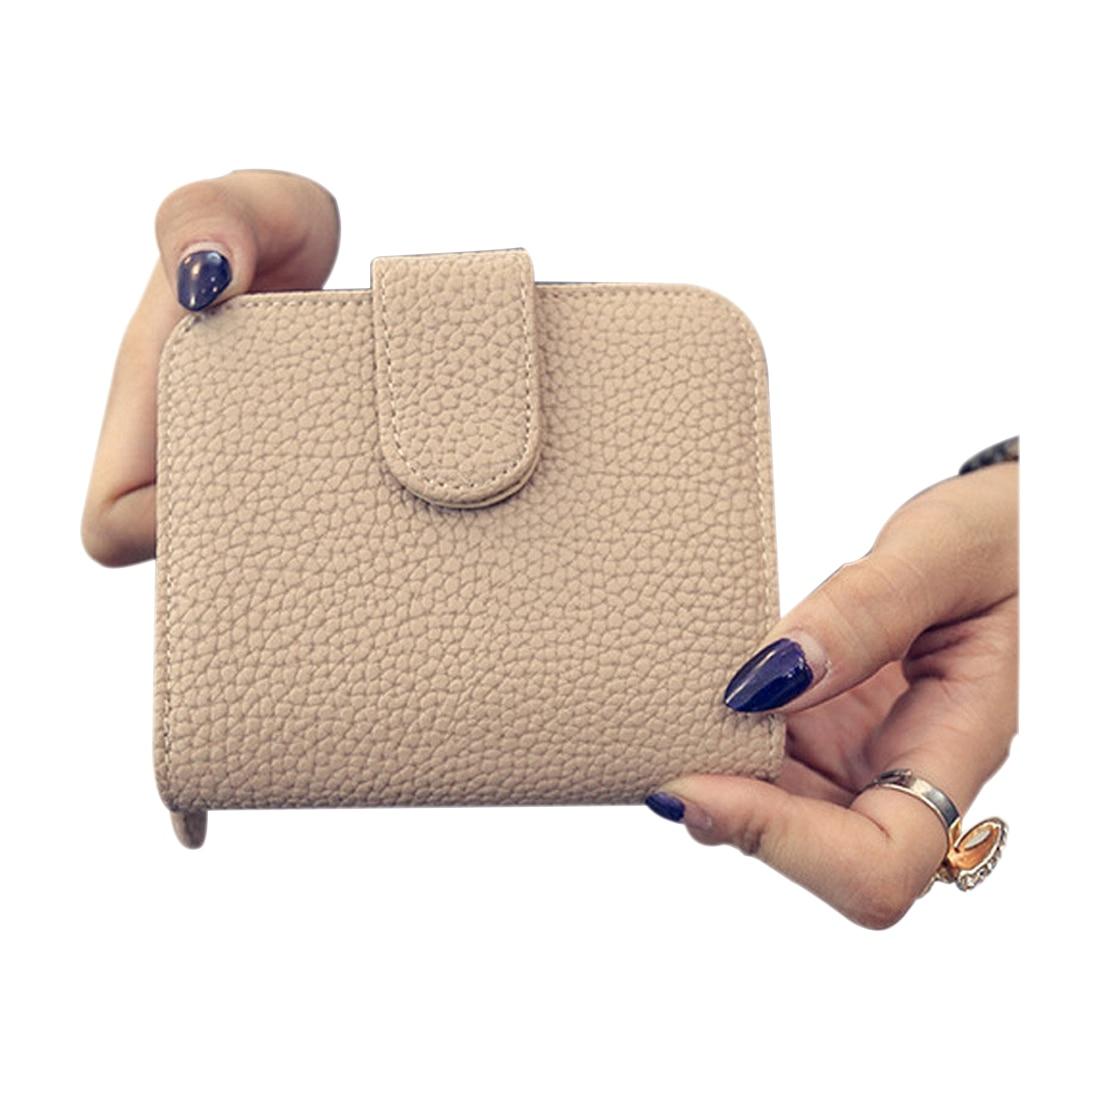 302cde3d9 FGGS-النساء حقيبة النقدية فتاة لطيف النقدية المال صغيرة محفظة و محفظة  البسيطة سستة غلق بمشبك قصيرة تصميم سيدة محفظة حقيبة